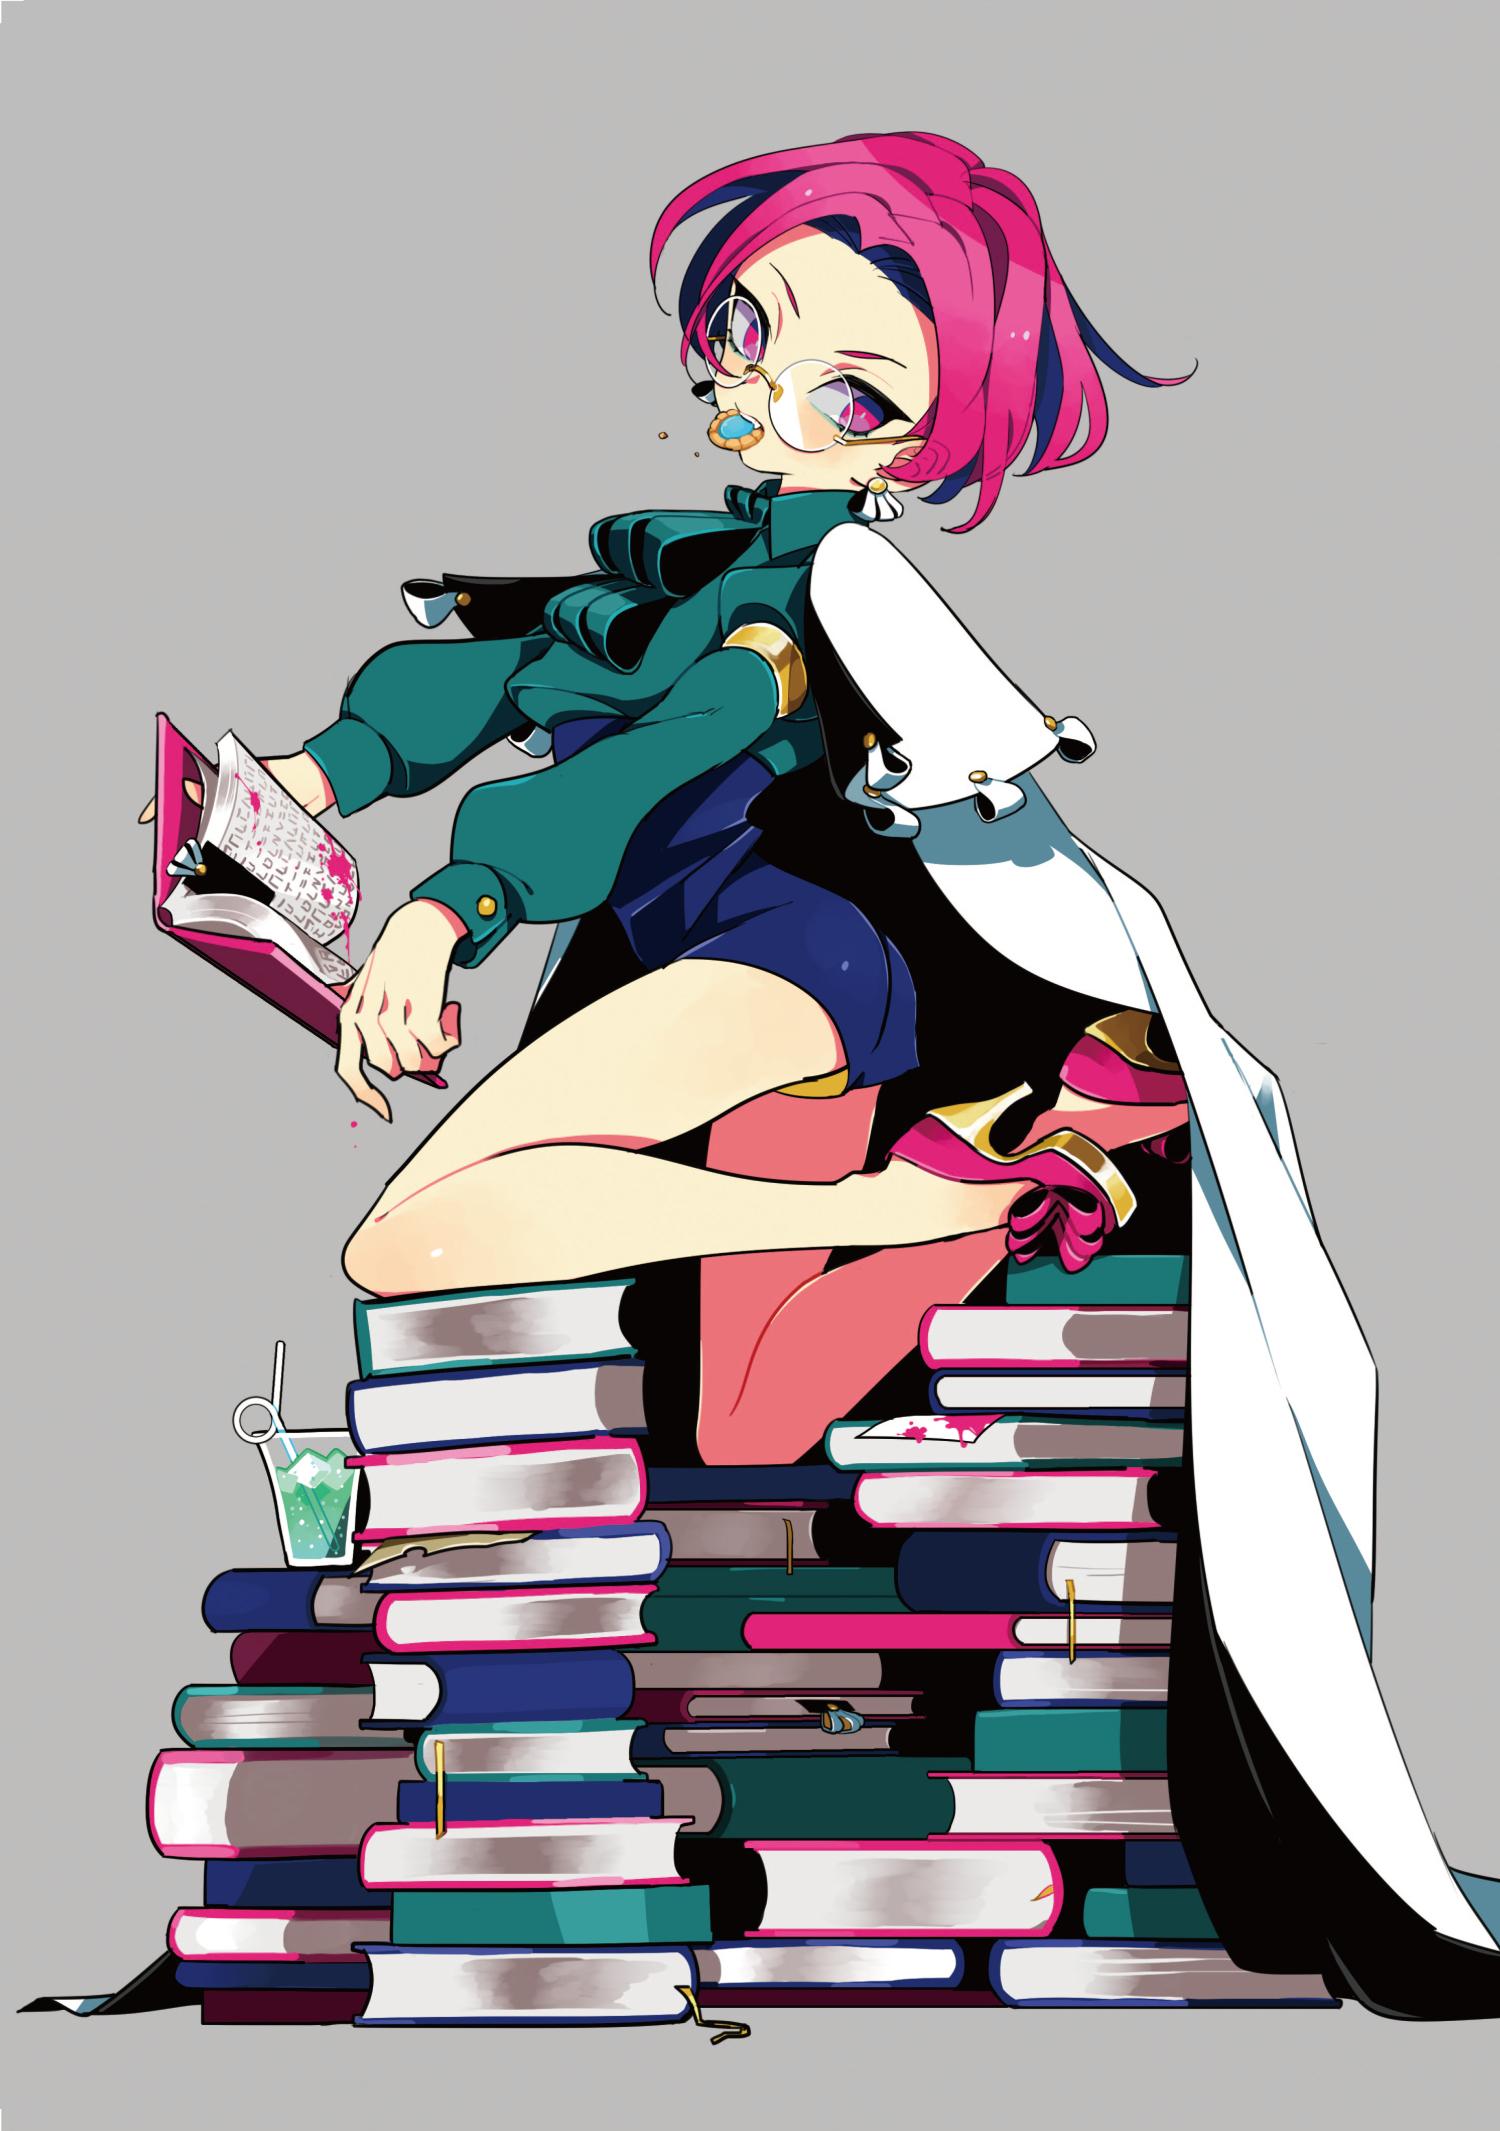 メイキング 配色で差をつける キナコさんの美少年イラスト作画